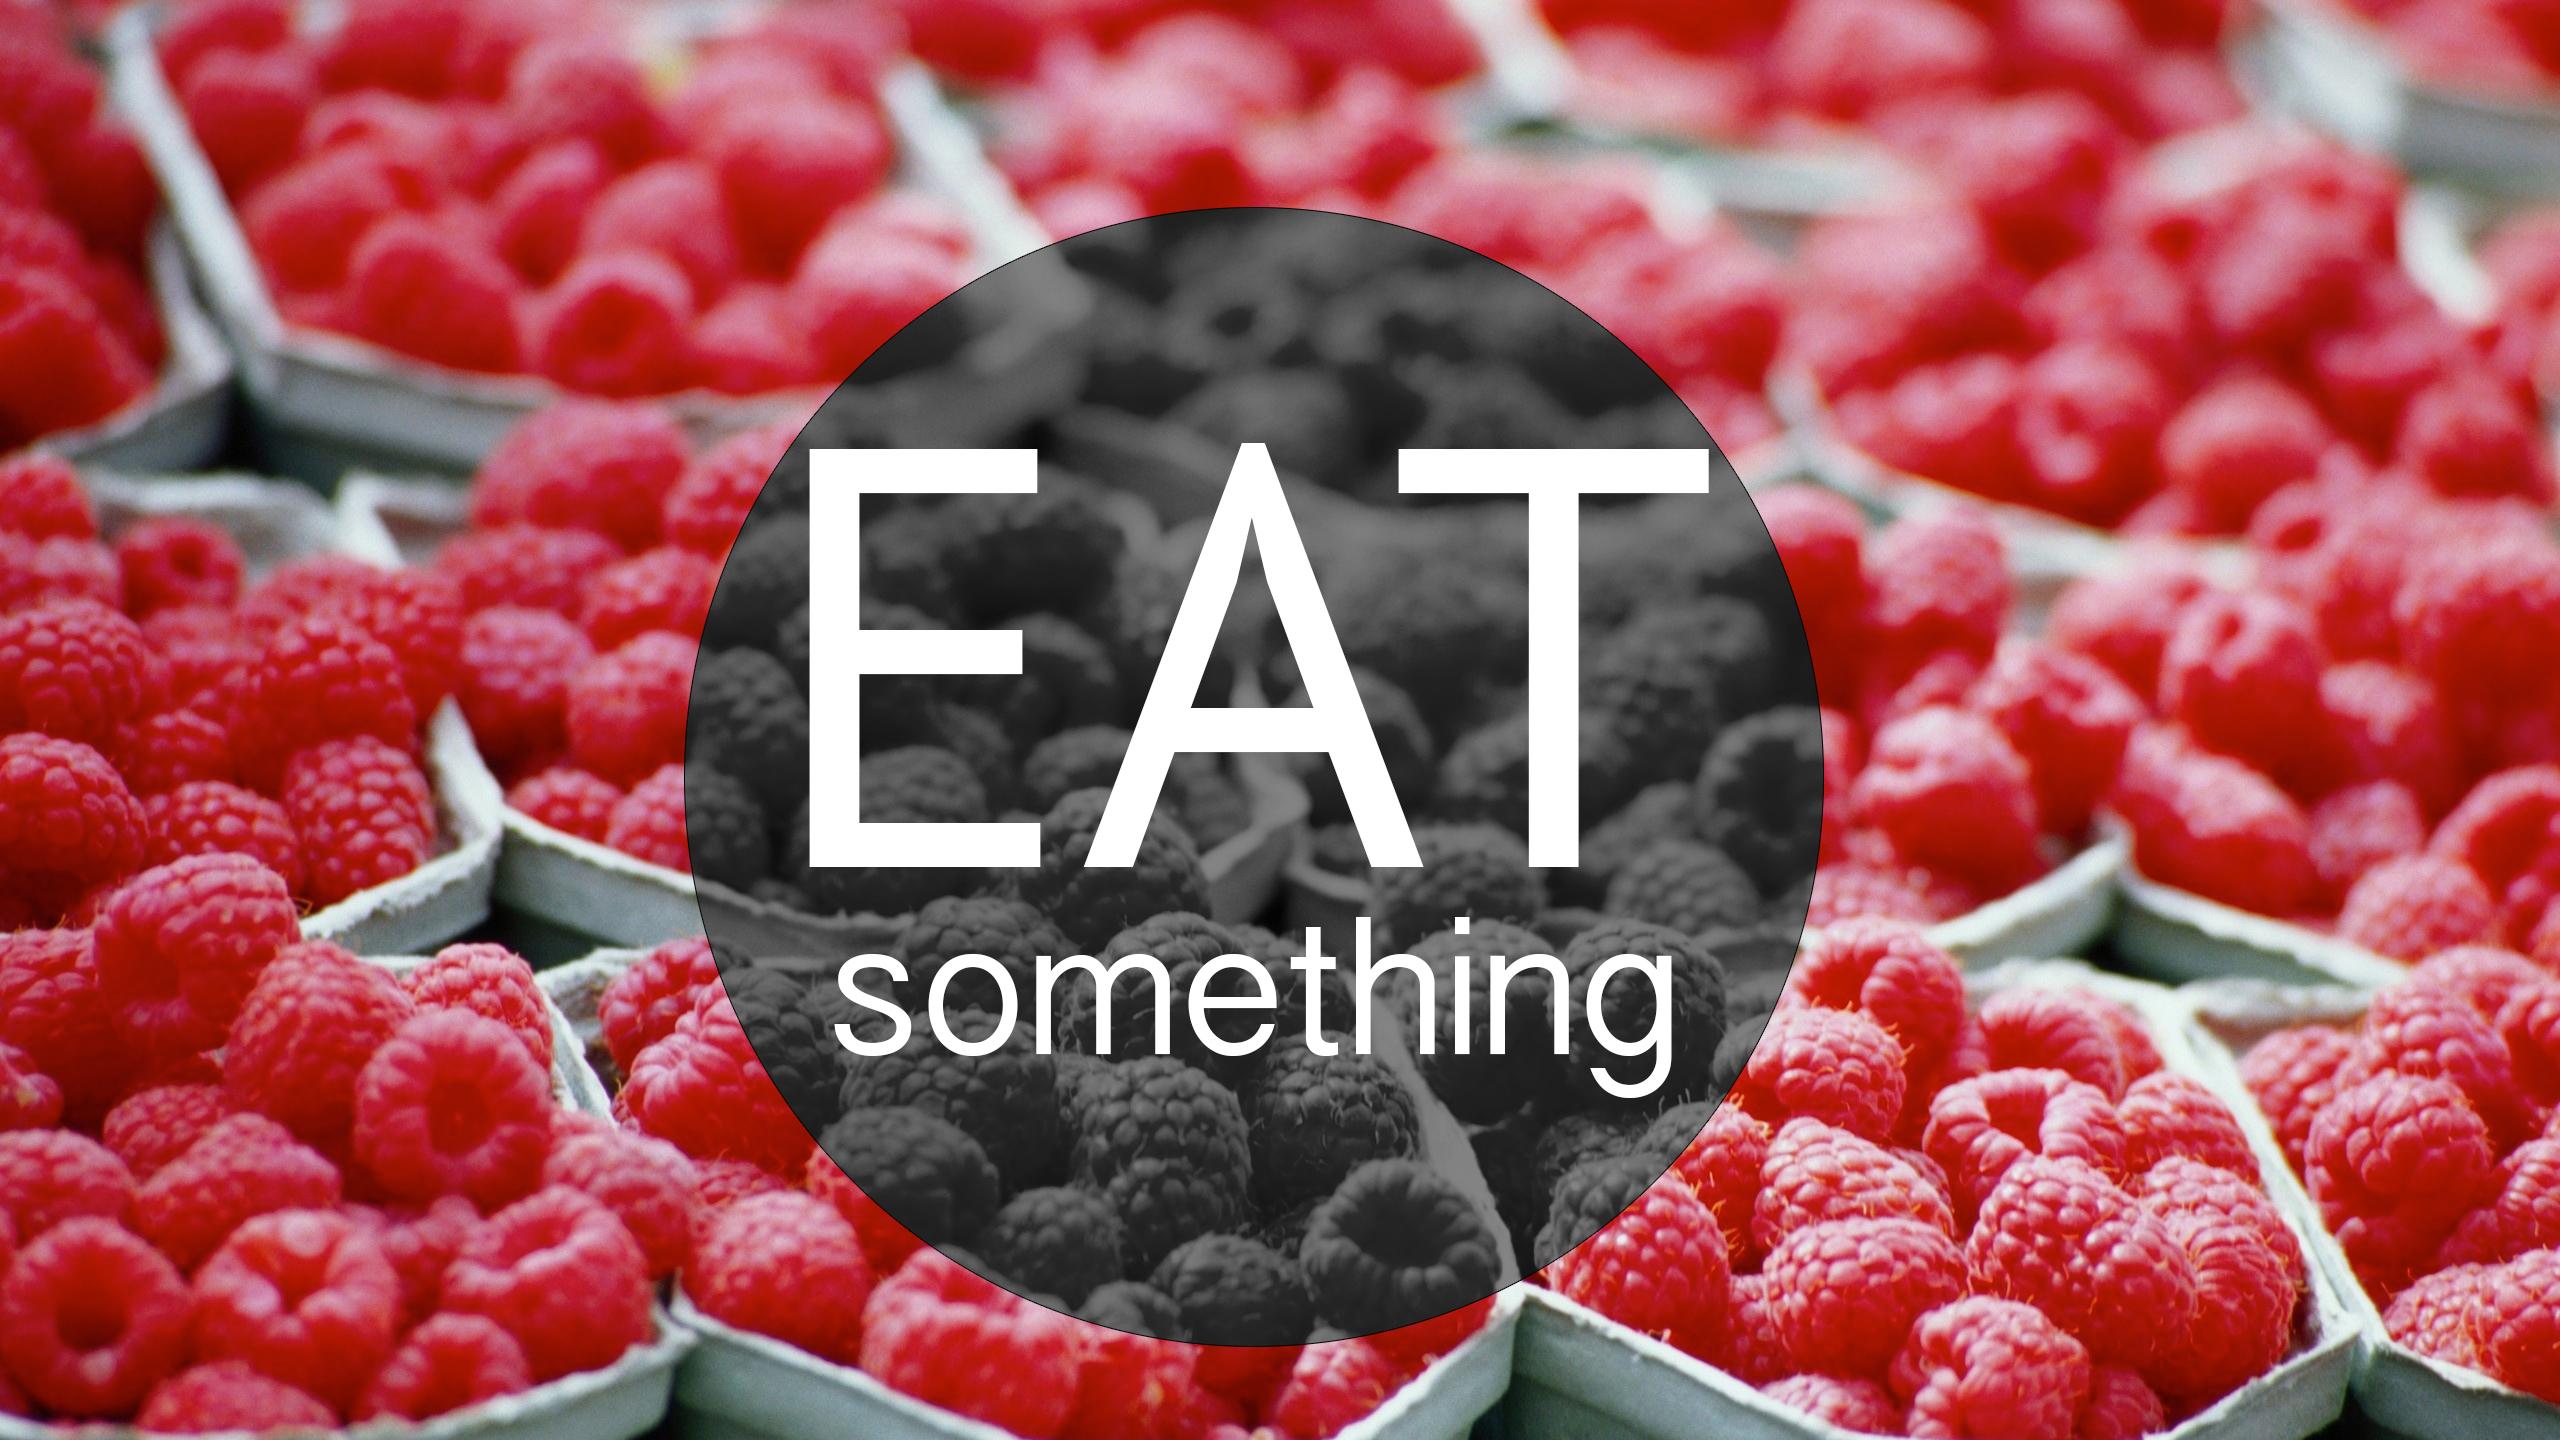 Bildergebnis für eat something